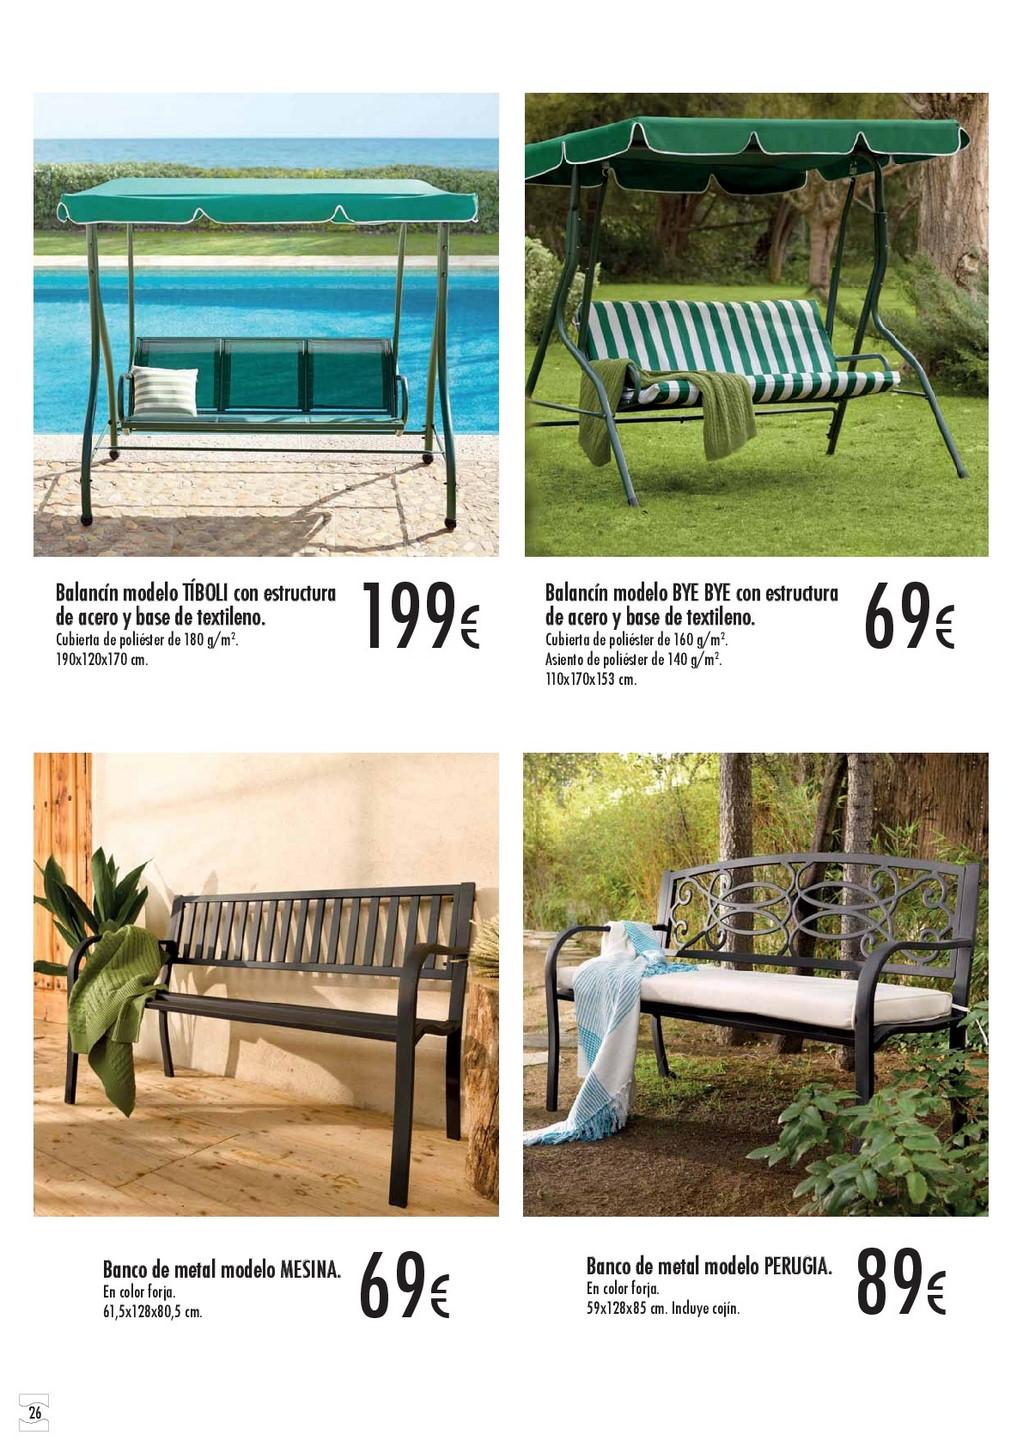 Terraza y jardin hipercor 201626 for Hipercor sombrillas jardin